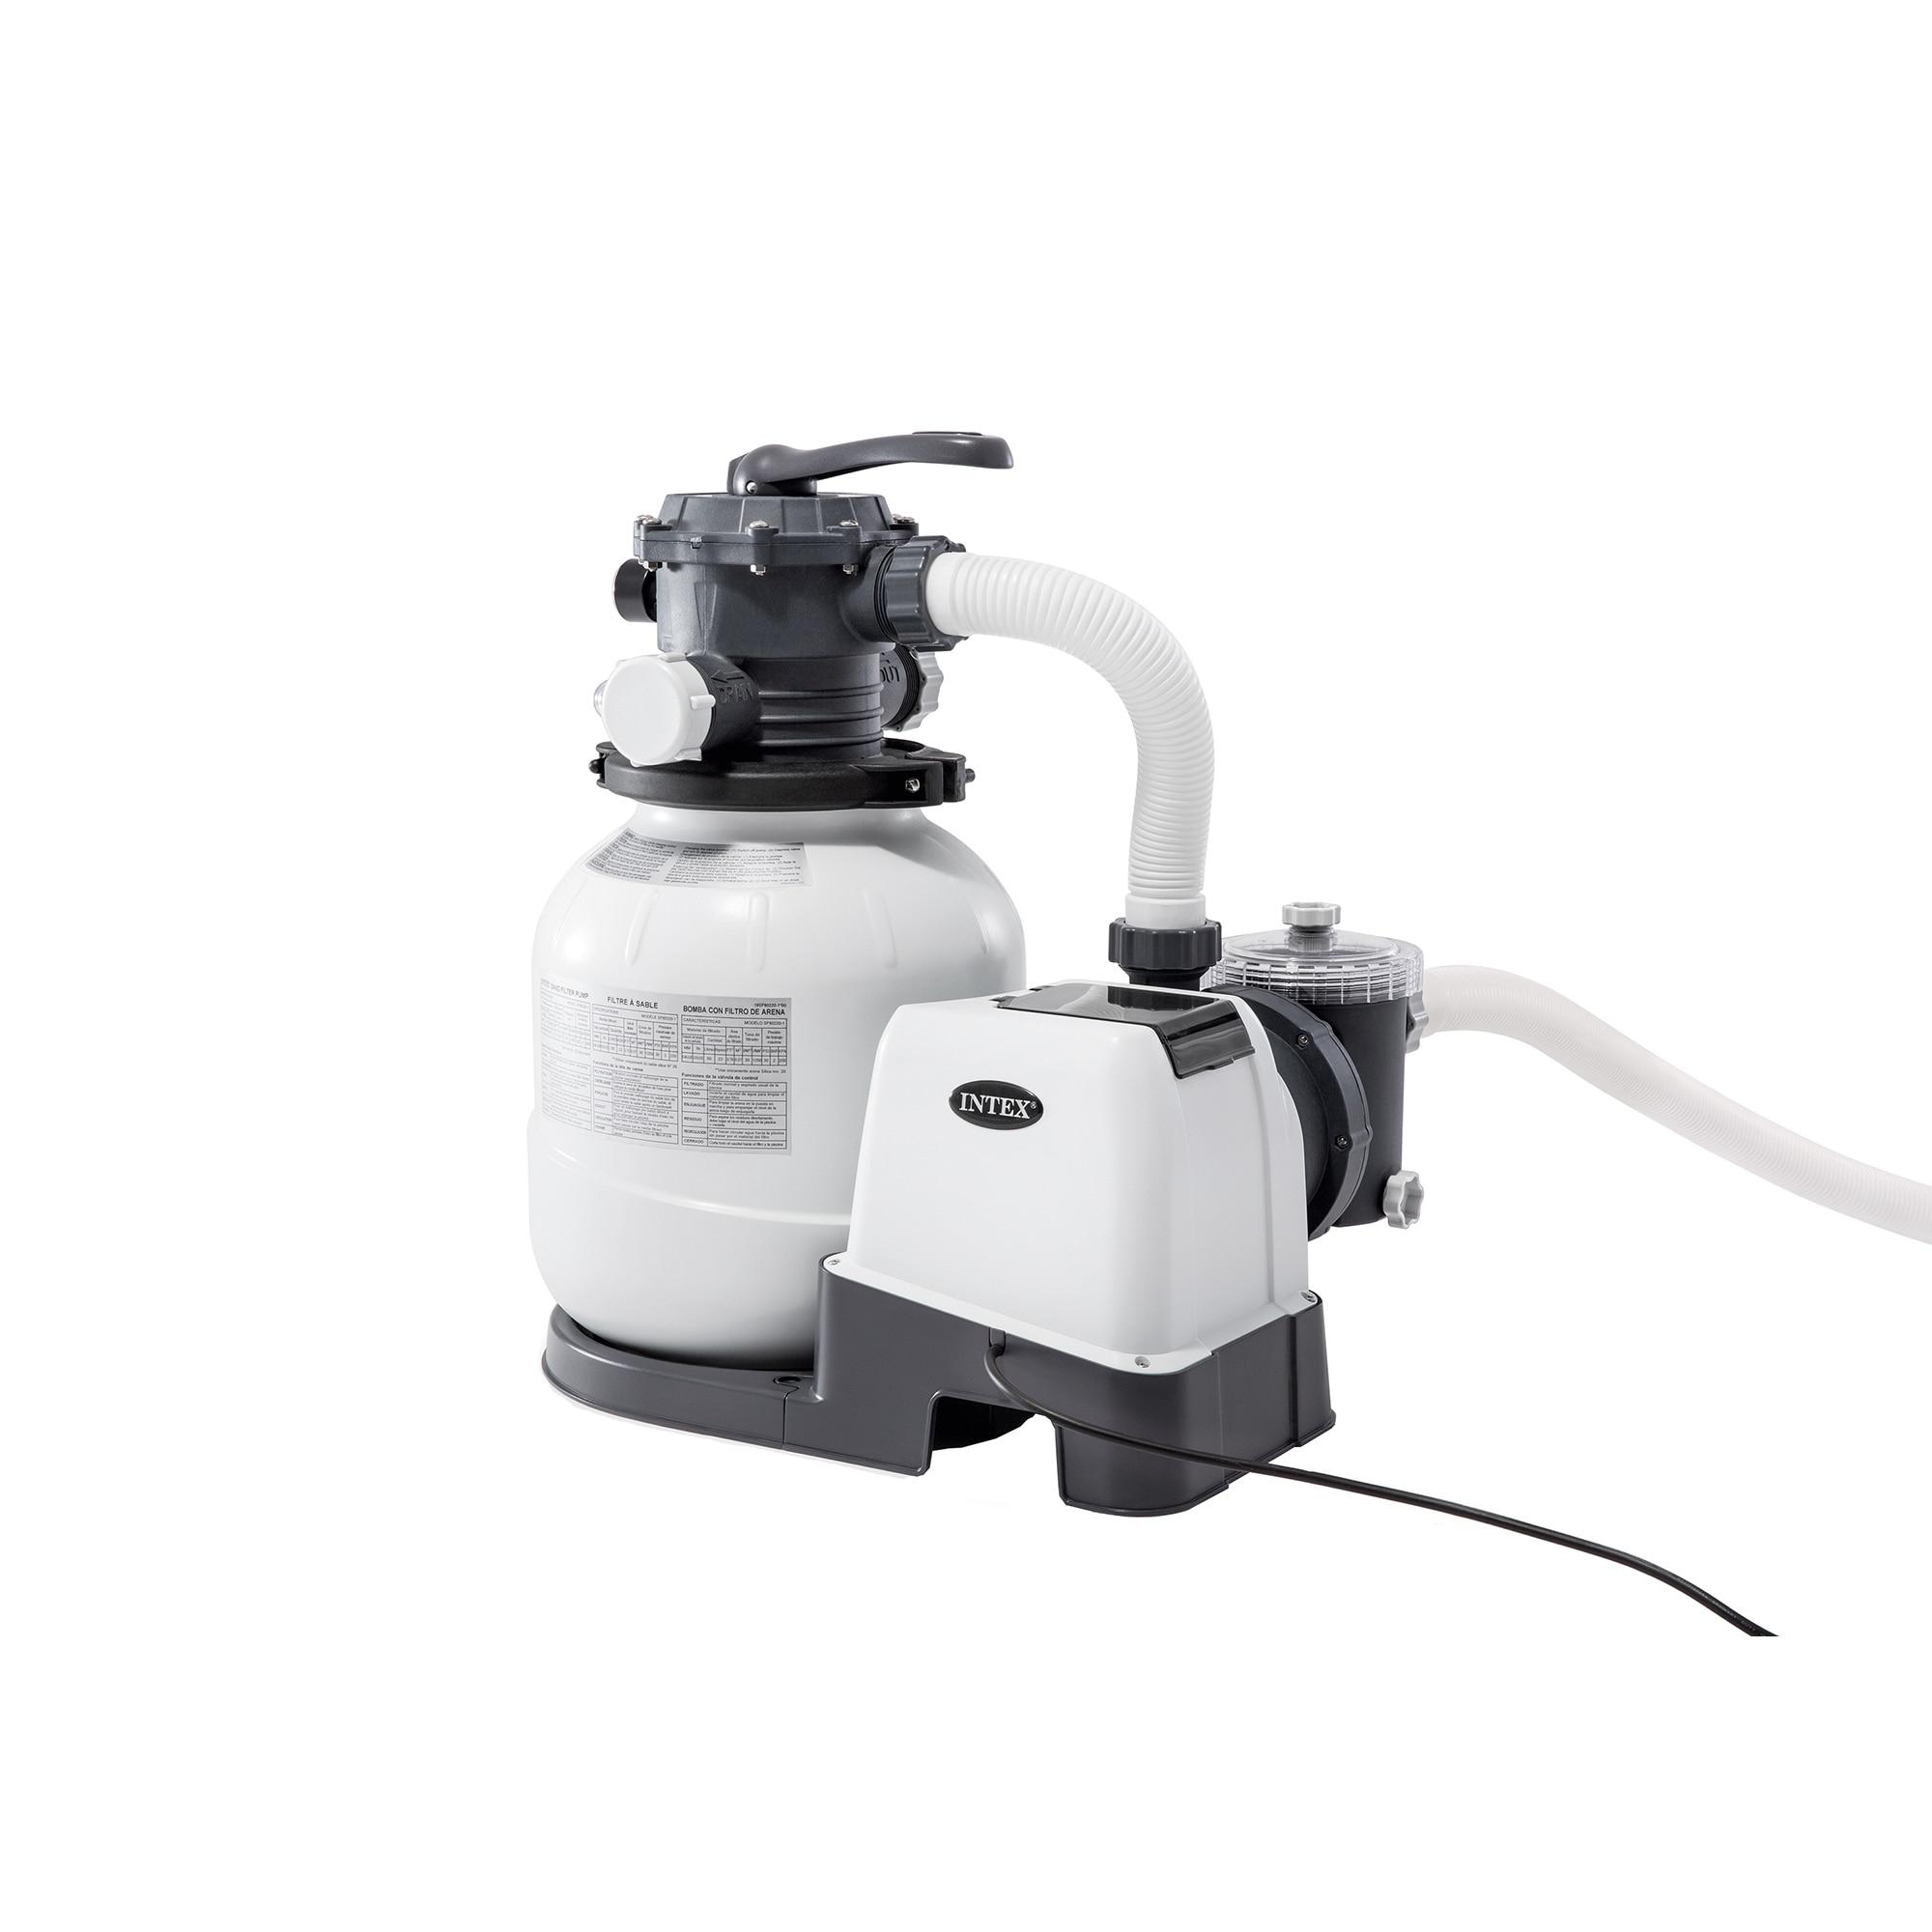 Fotografie Sistem de filtrare cu nisip Intex 26646, 220-240 V, 7.949 l/h debit apa, pentru piscine pana la 36 m3